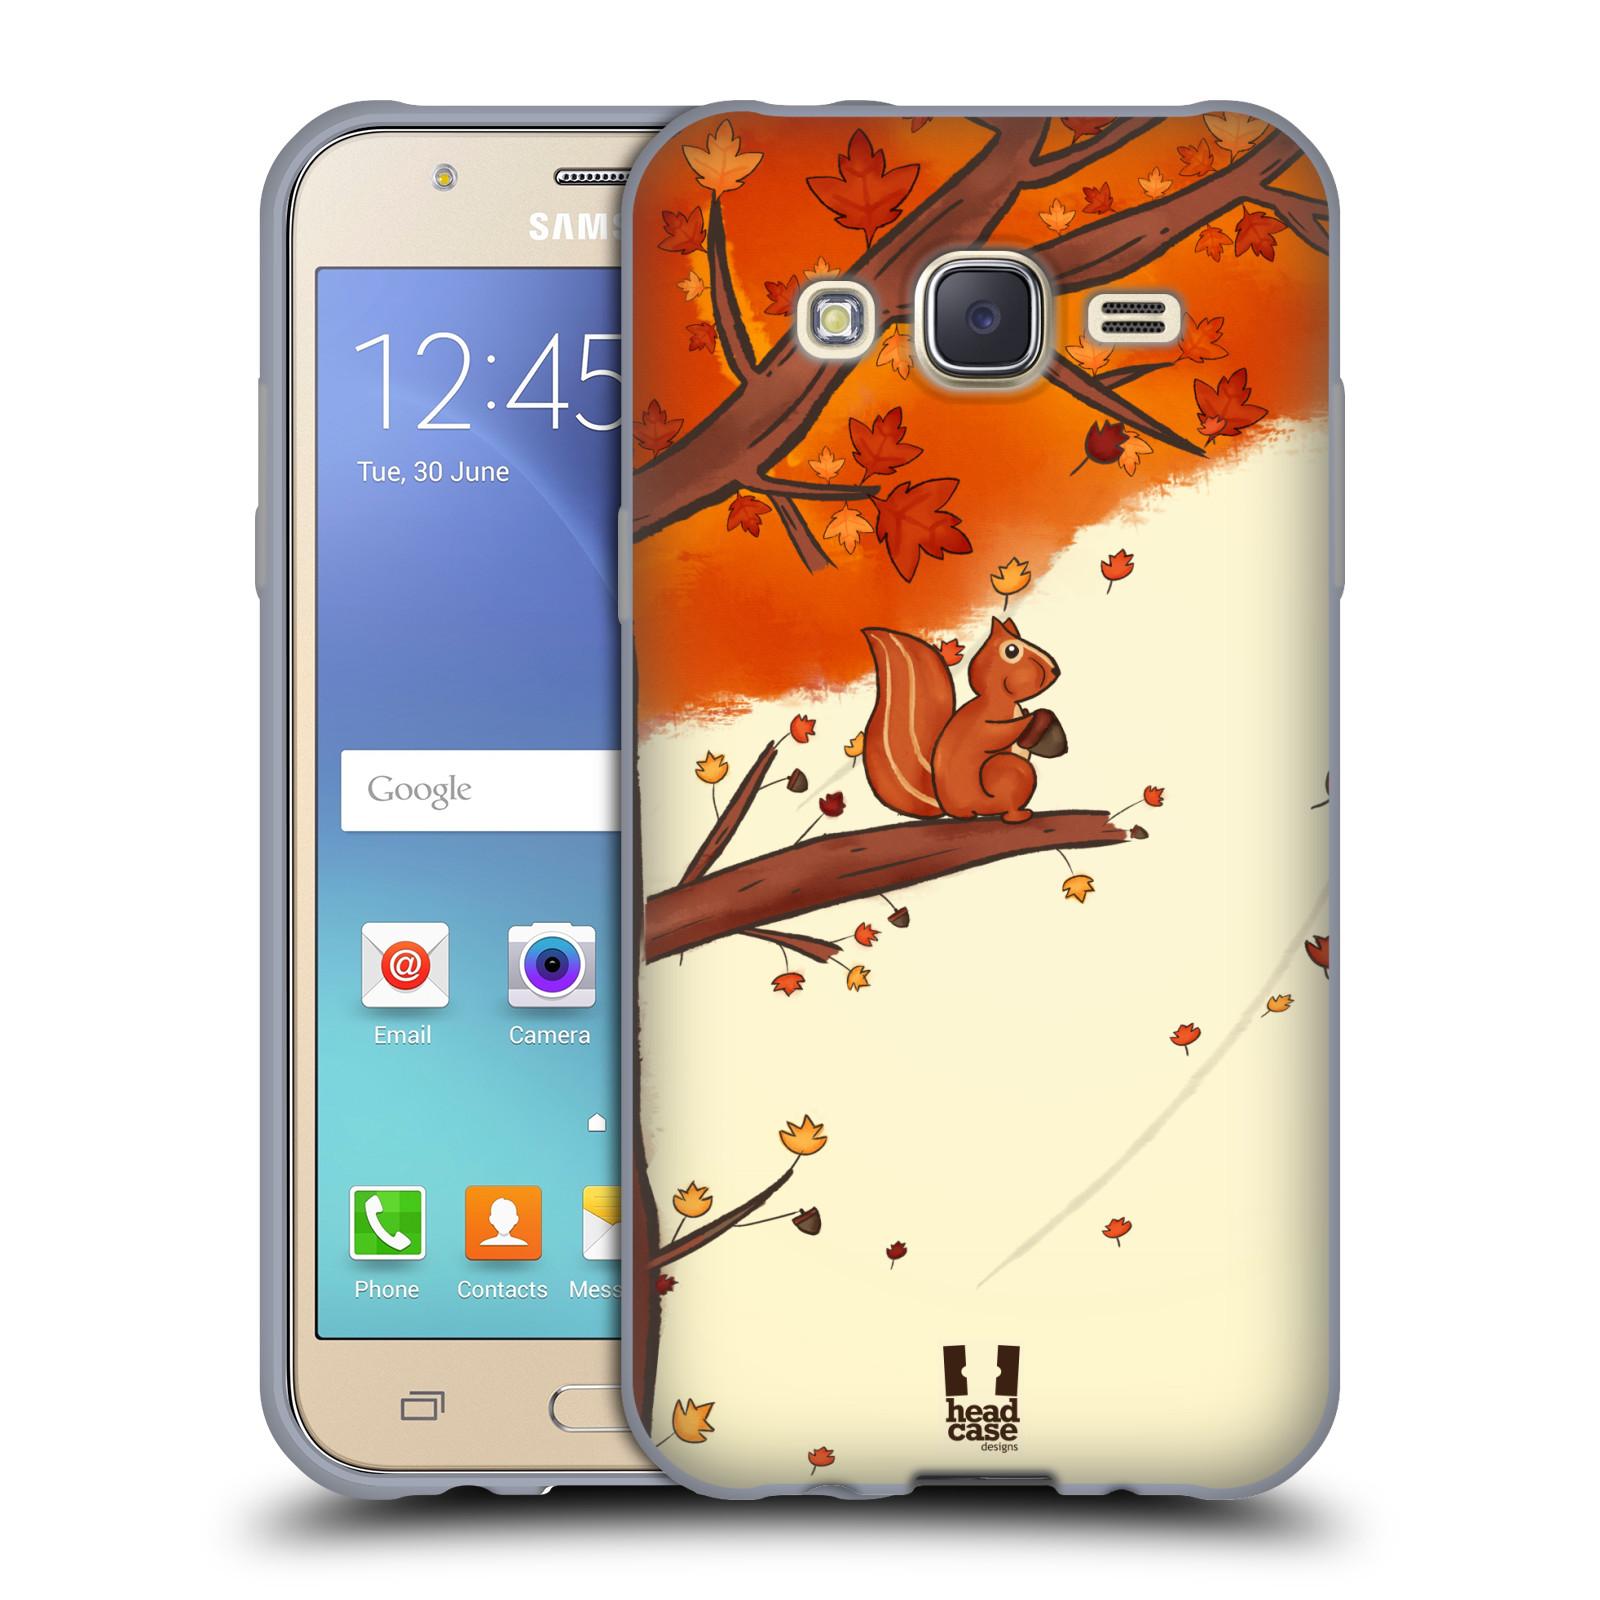 HEAD CASE silikonový obal na mobil Samsung Galaxy J5, J500, (J5 DUOS) vzor podzimní zvířátka veverka